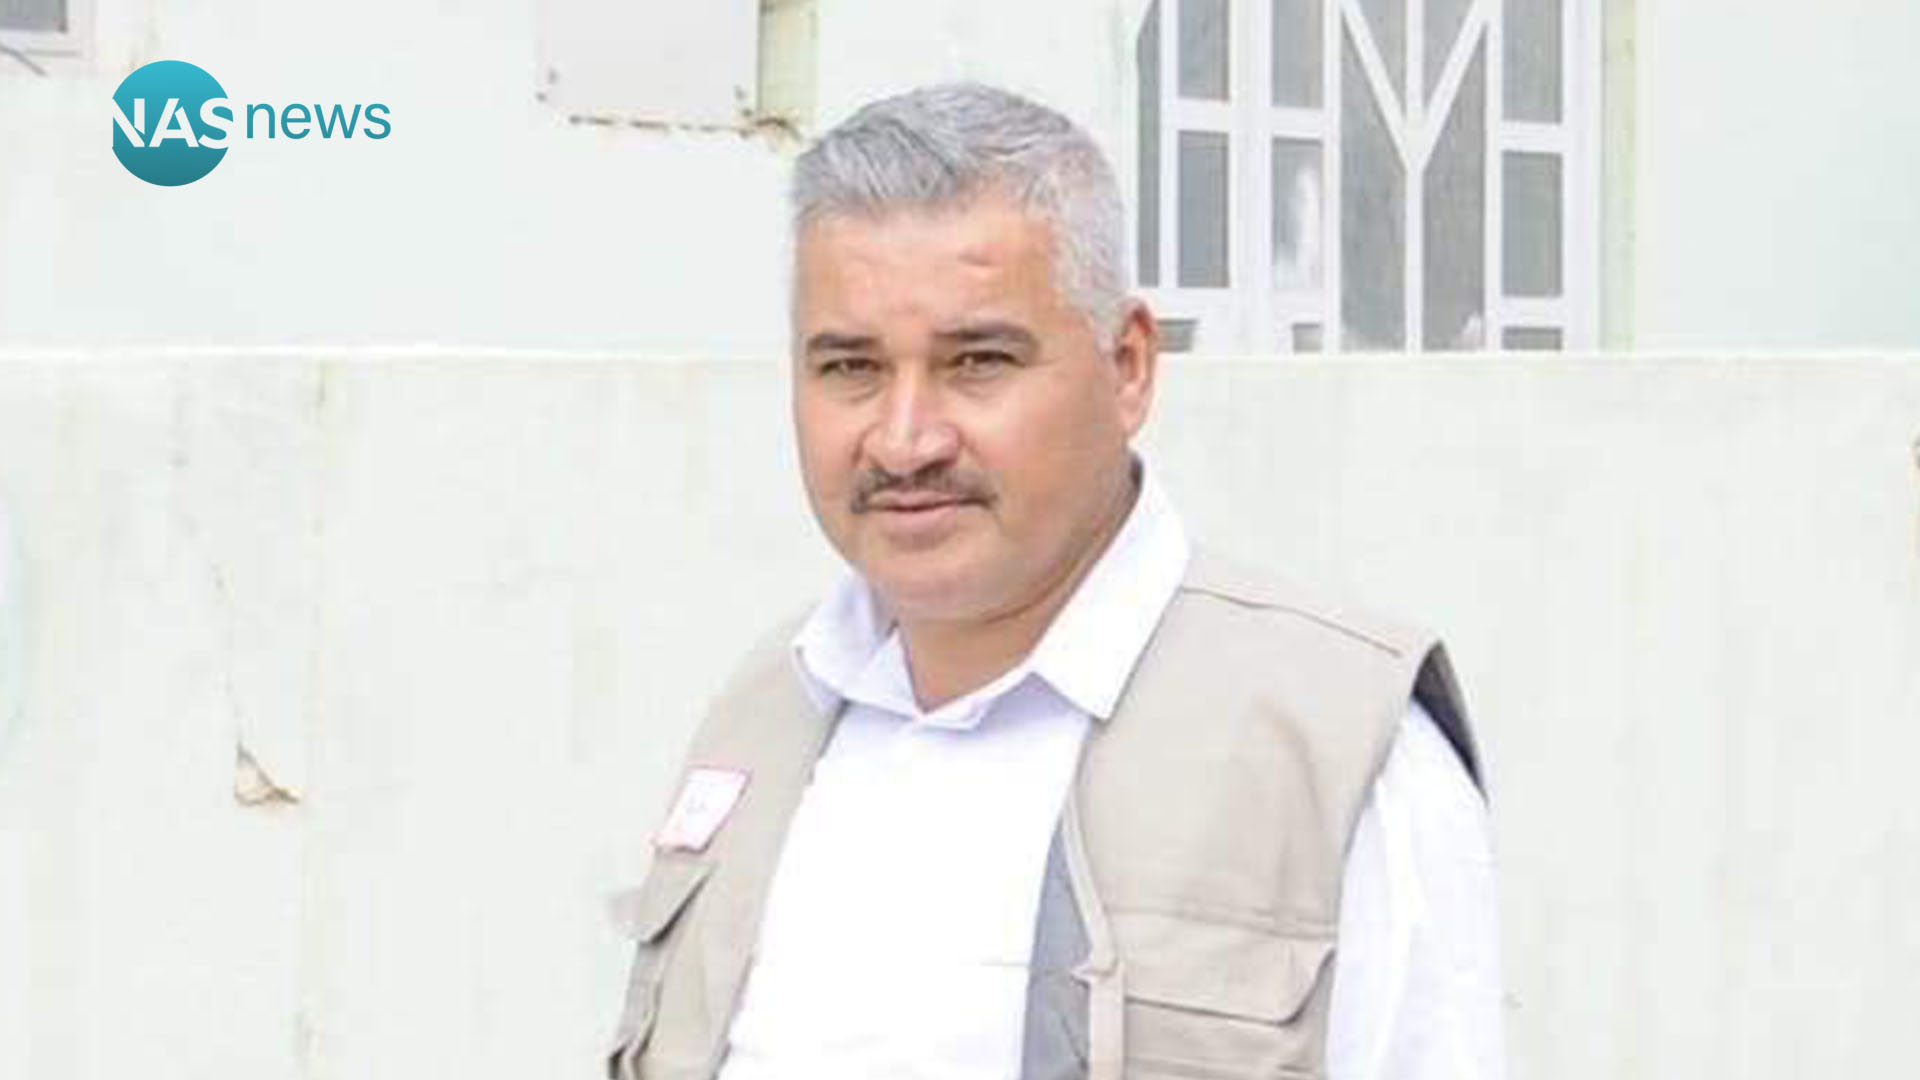 """صور ومعلومات جديدة حول الفرنسيين الذي """"اختفوا"""" في بغداد: غادروا بسيارة أجرة!"""